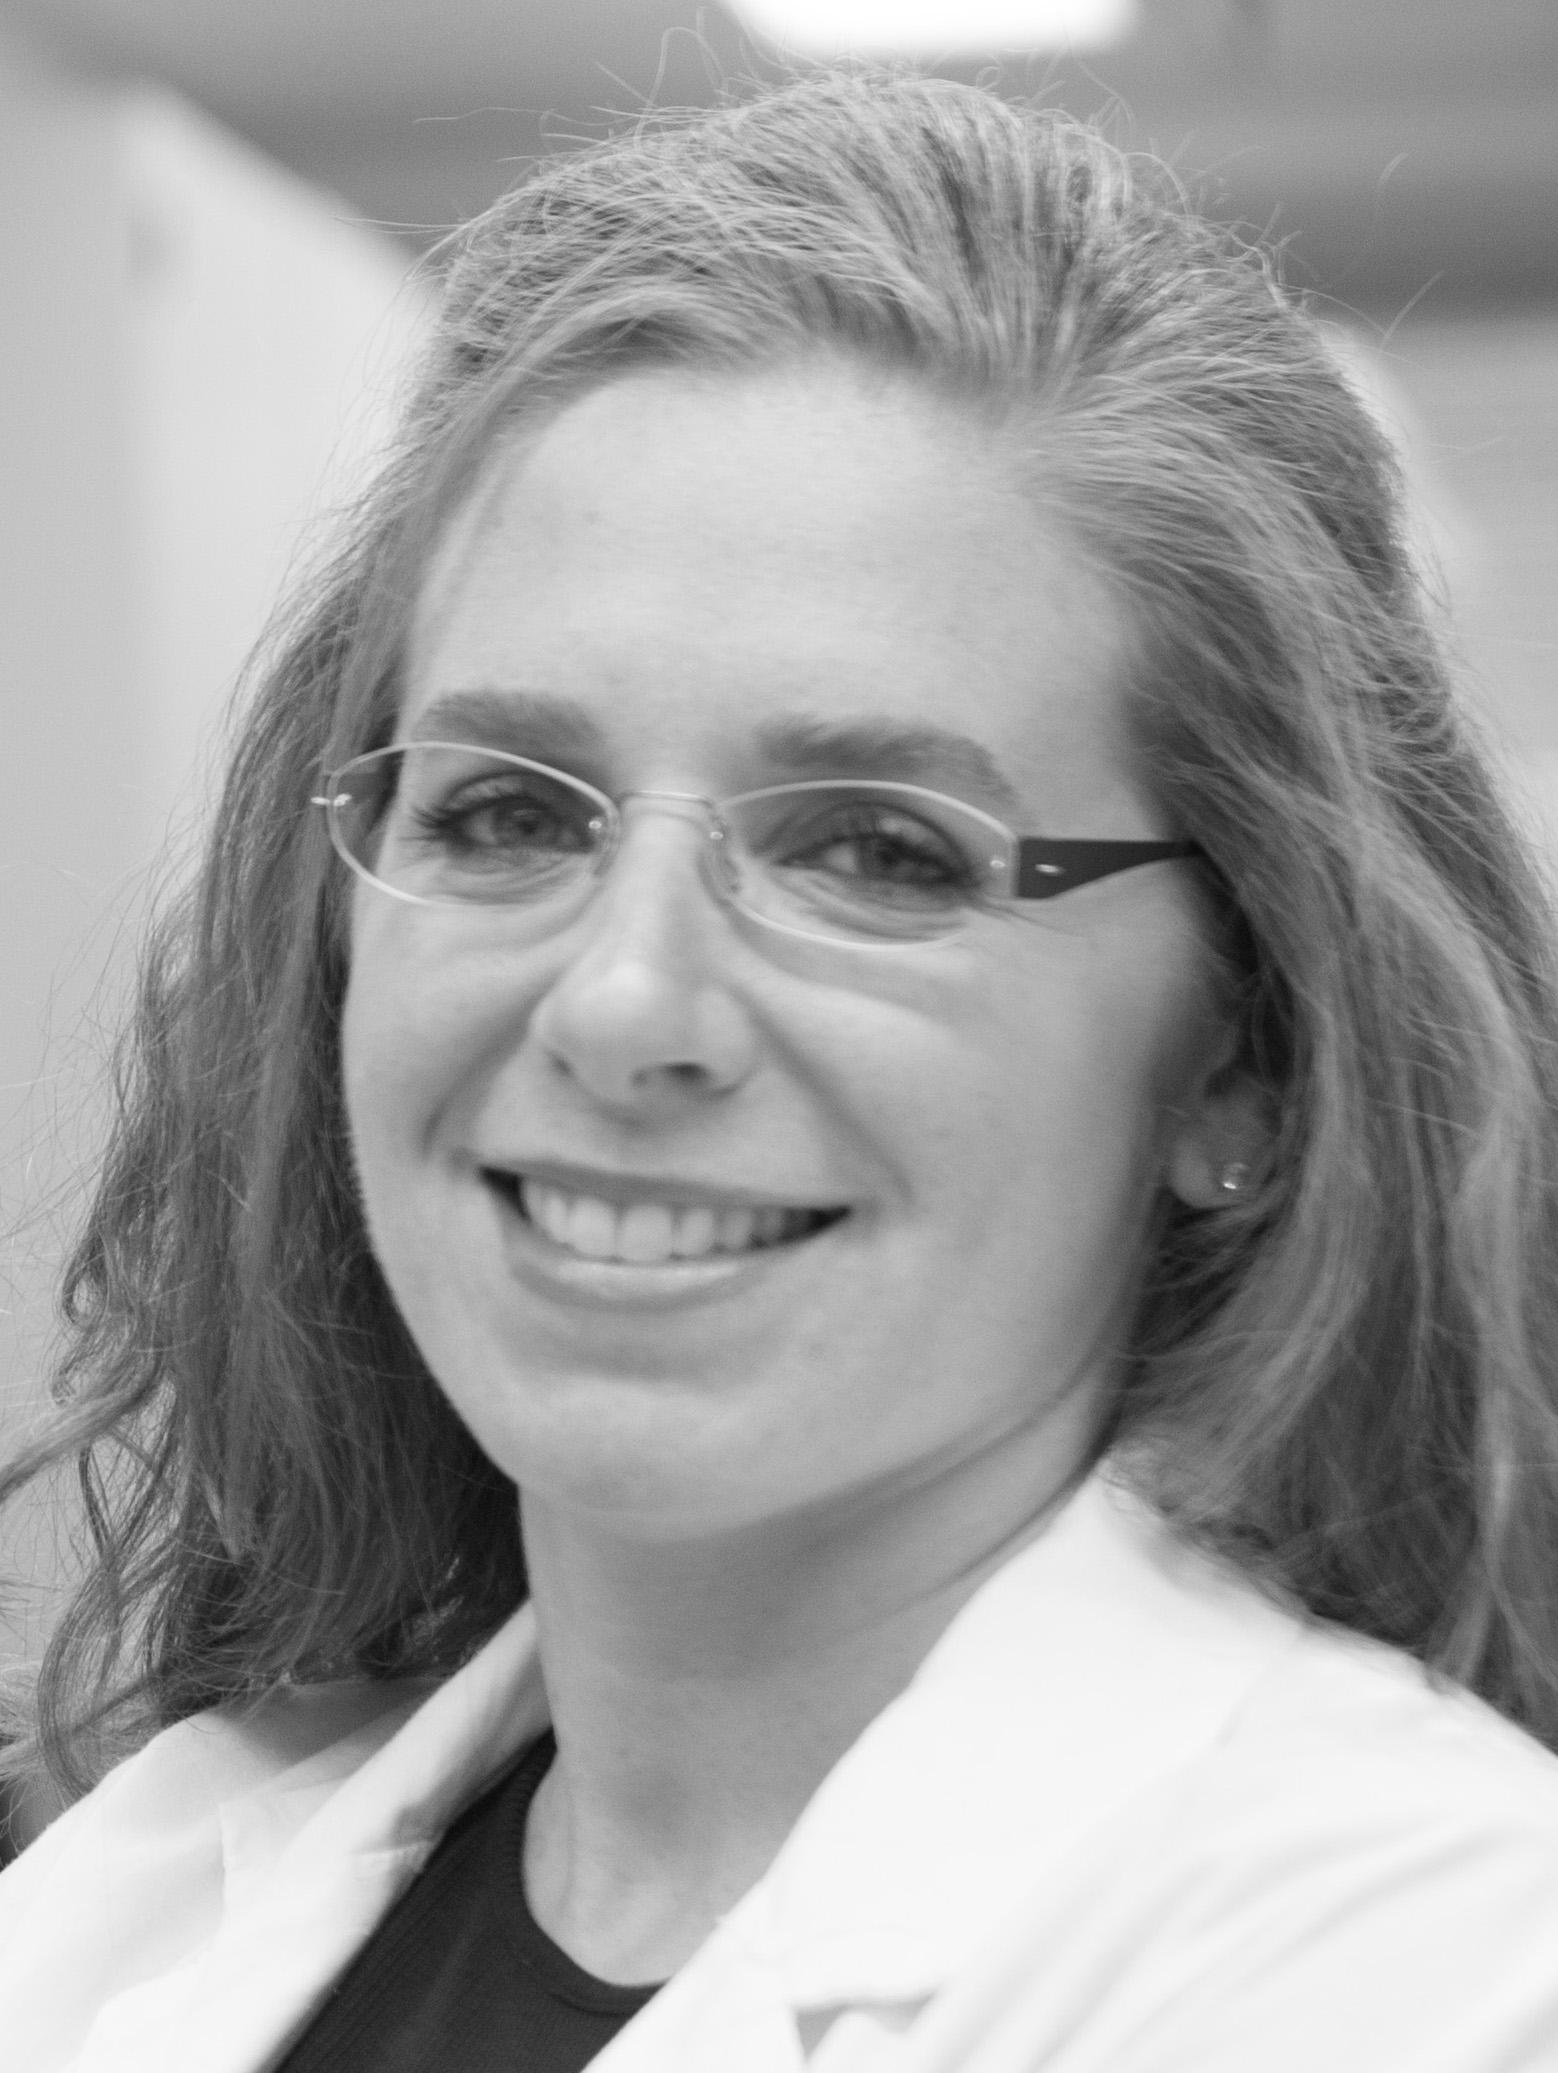 Michelle Sholzberg